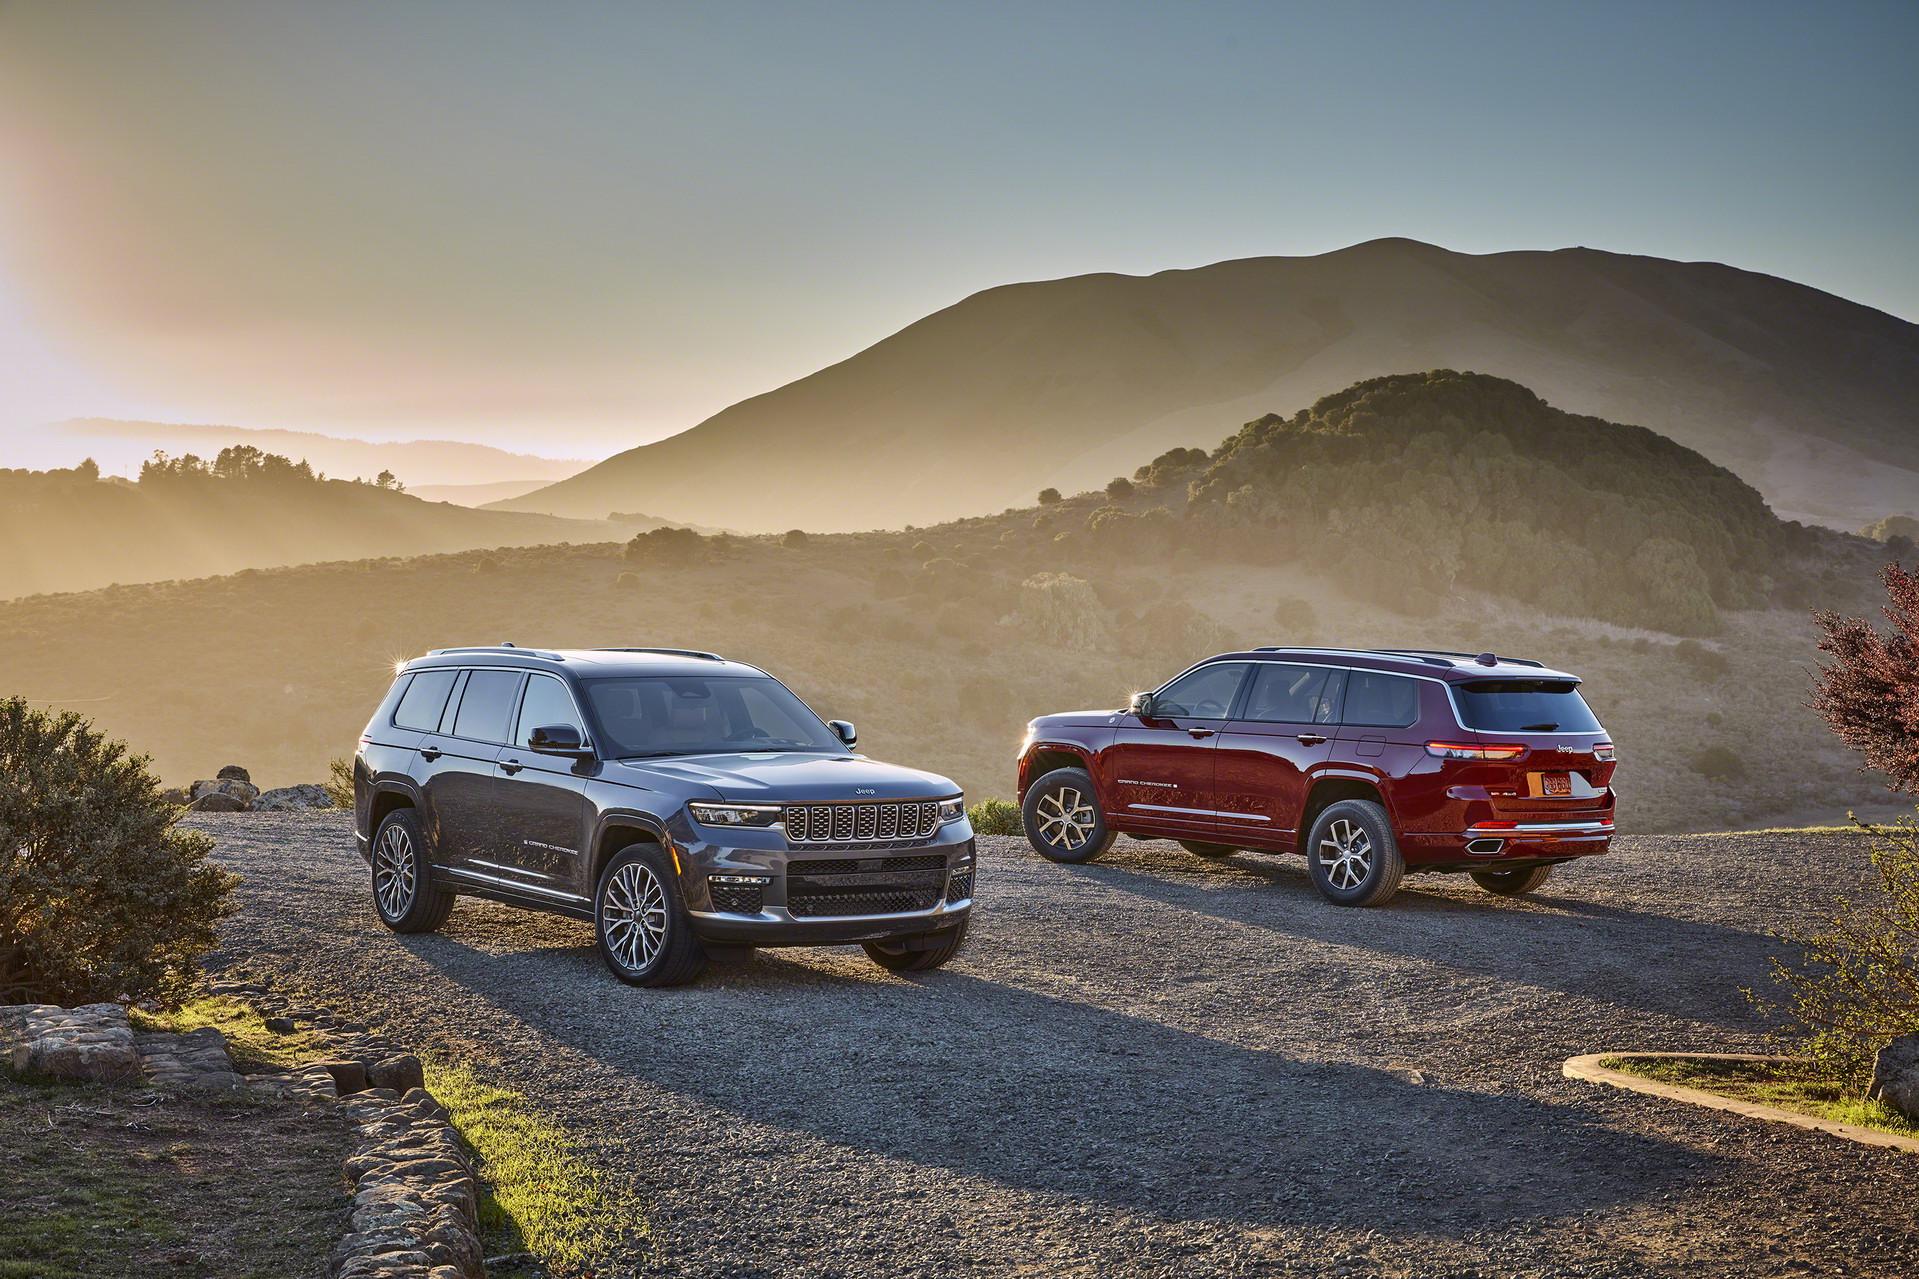 2021 Jeep Grand Cherokee L: американски луксуз во форма на голем SUV! / ФОТО+ВИДЕО